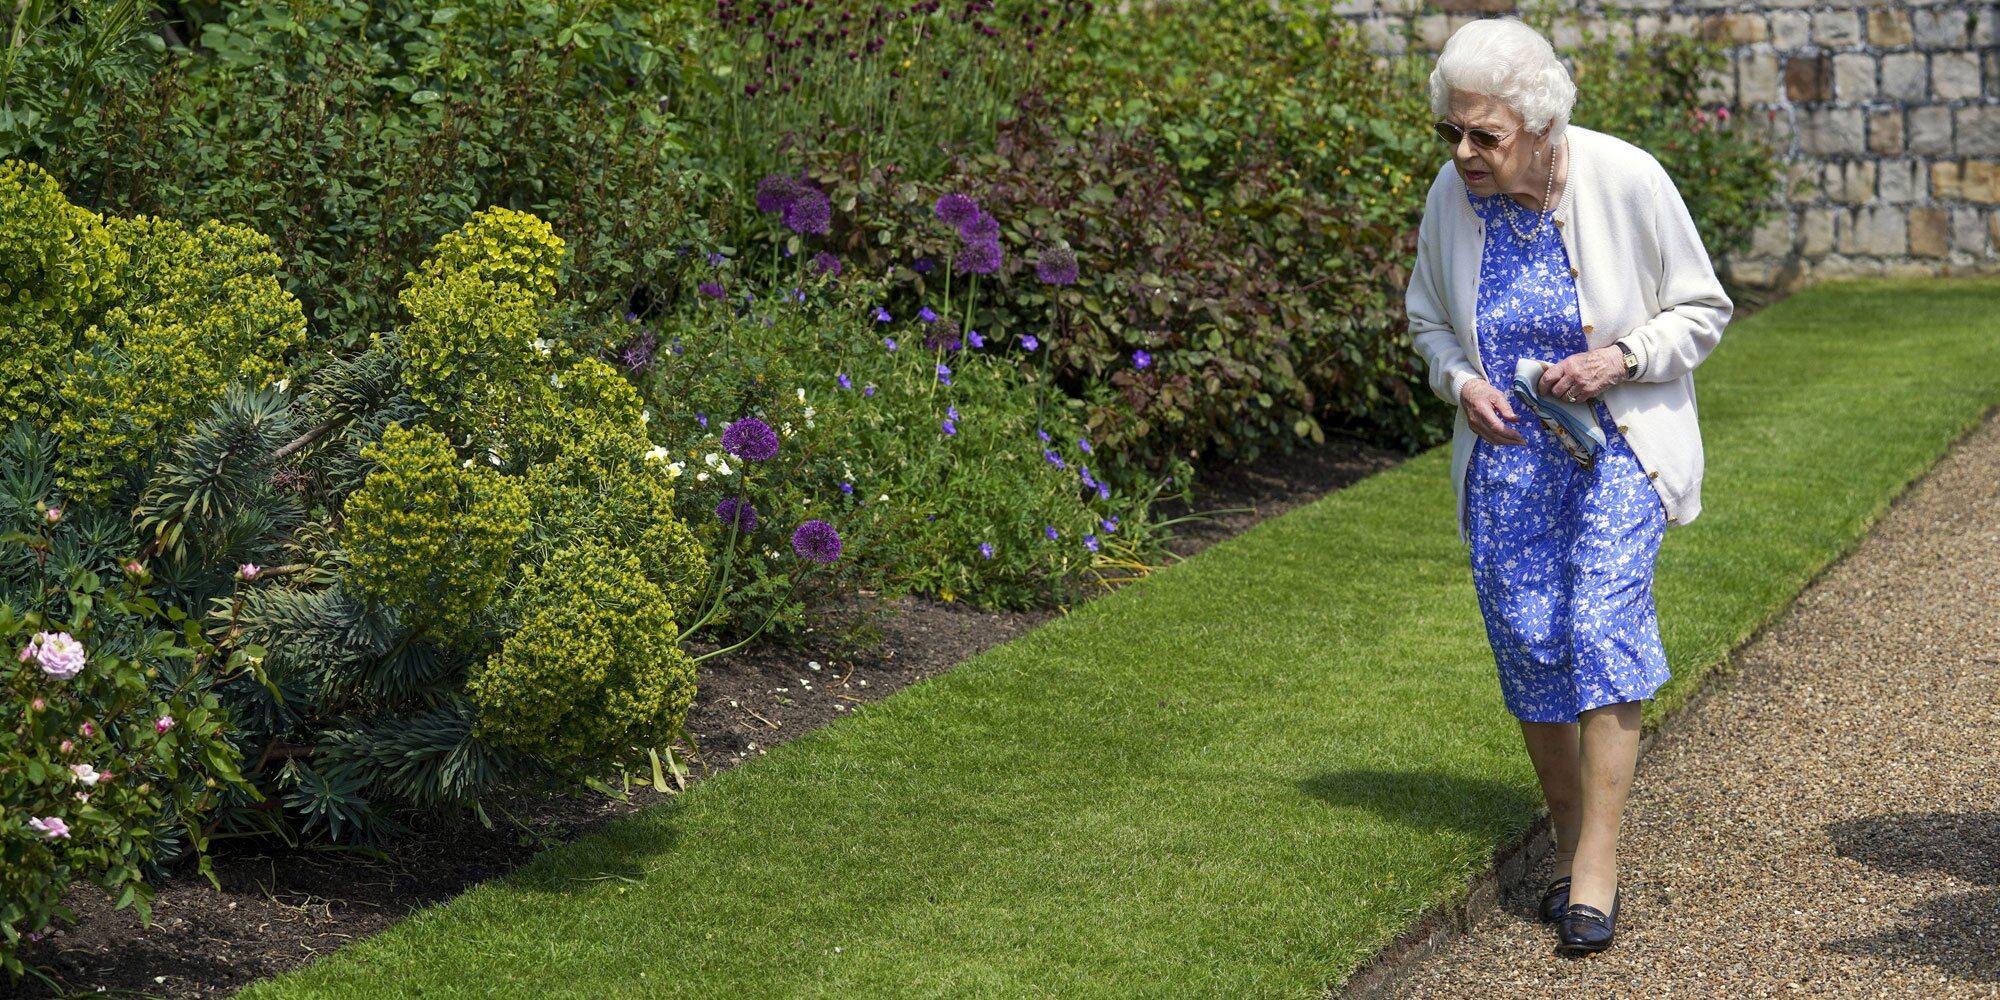 El homenaje con el que la Reina Isabel conmemora el que hubiera sido el centenario del Duque de Edimburgo